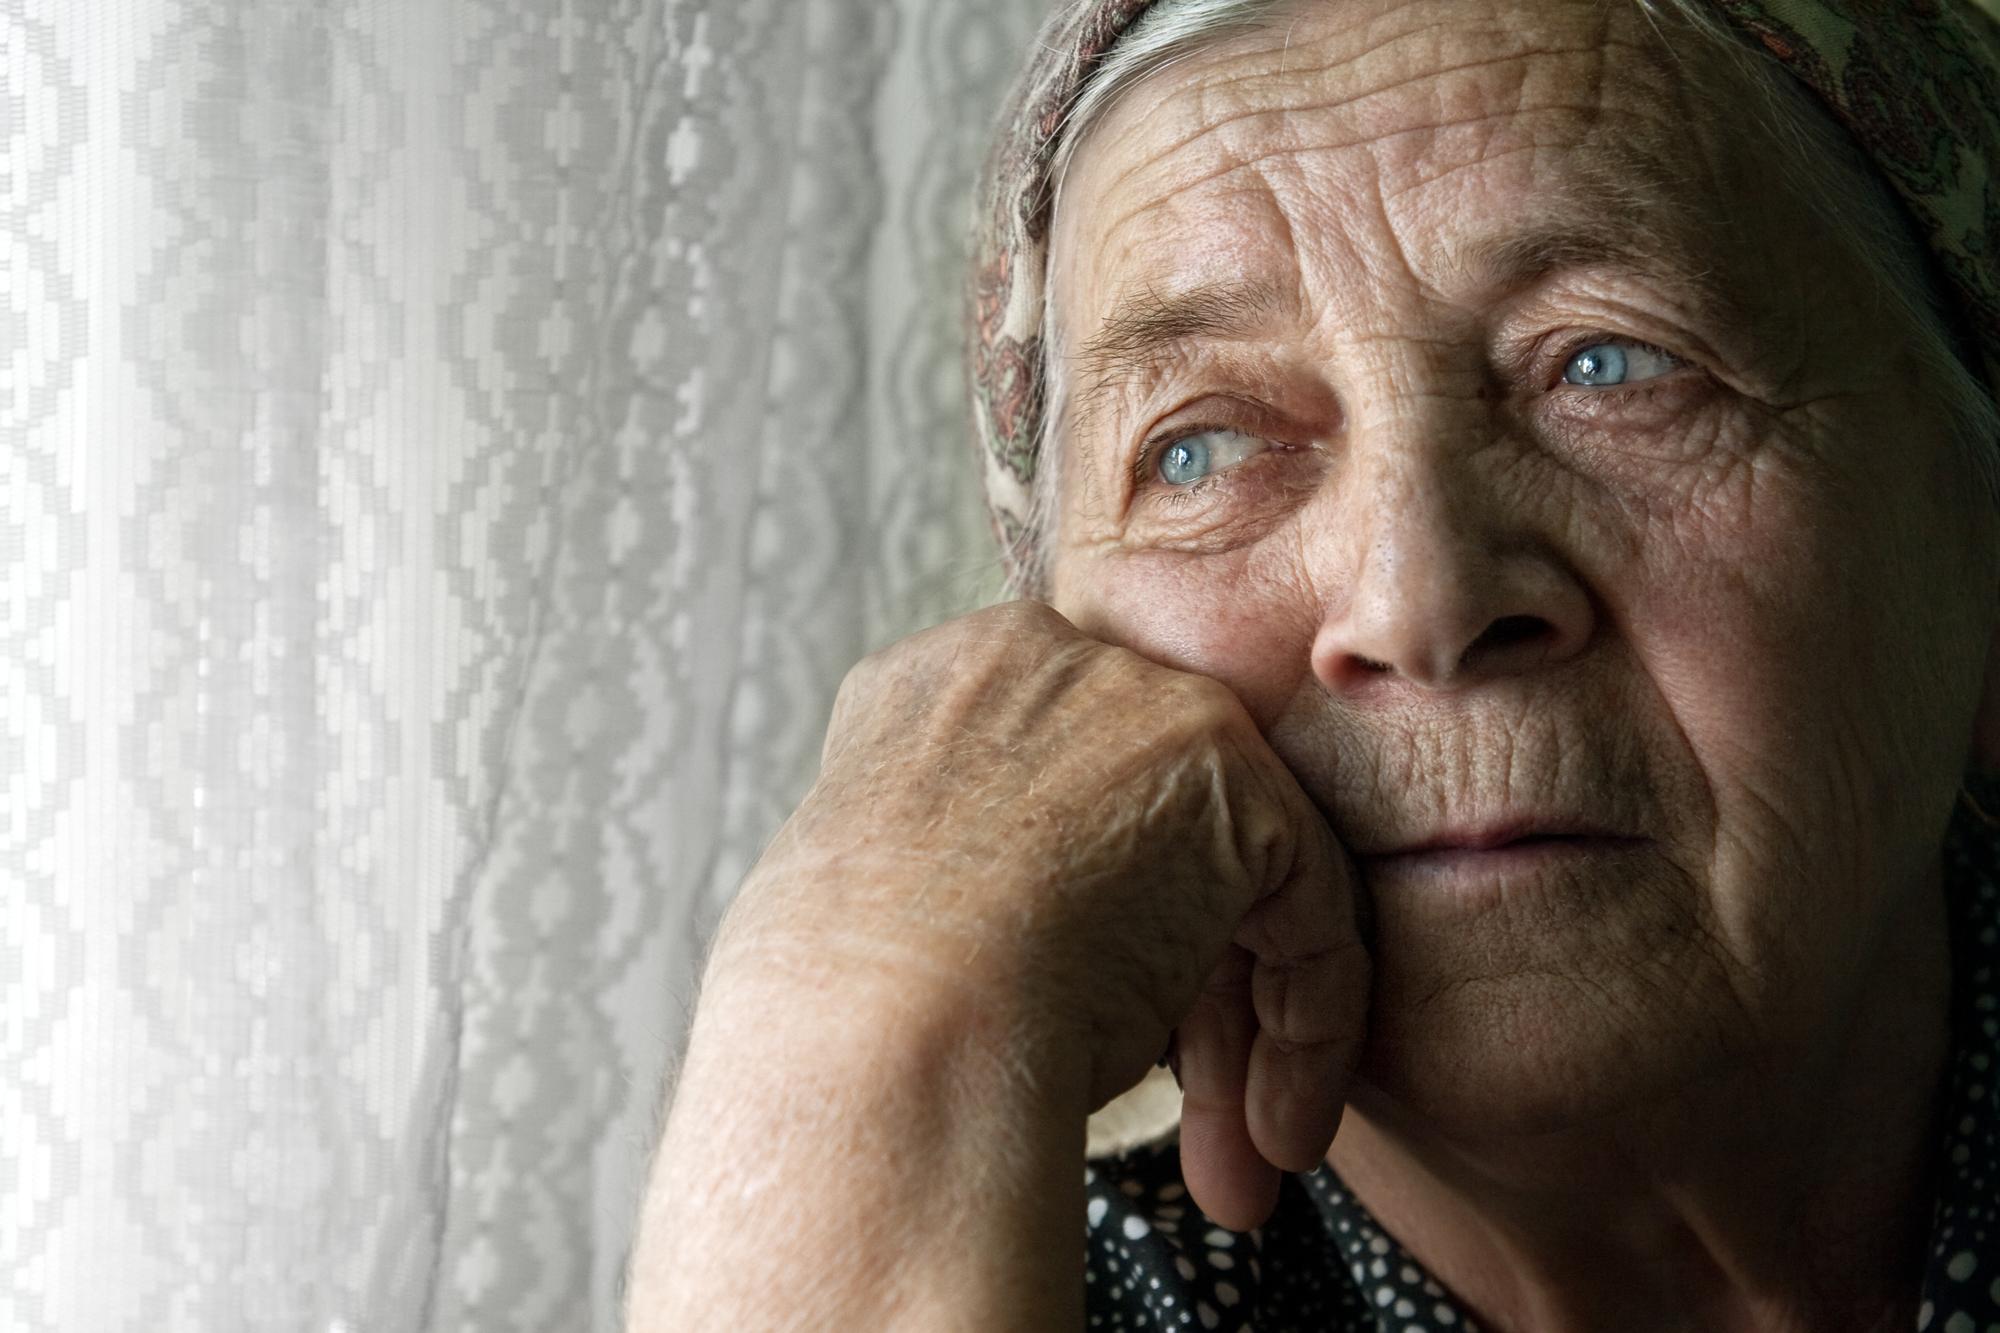 фото одиноких стариков ролика заявляет, что